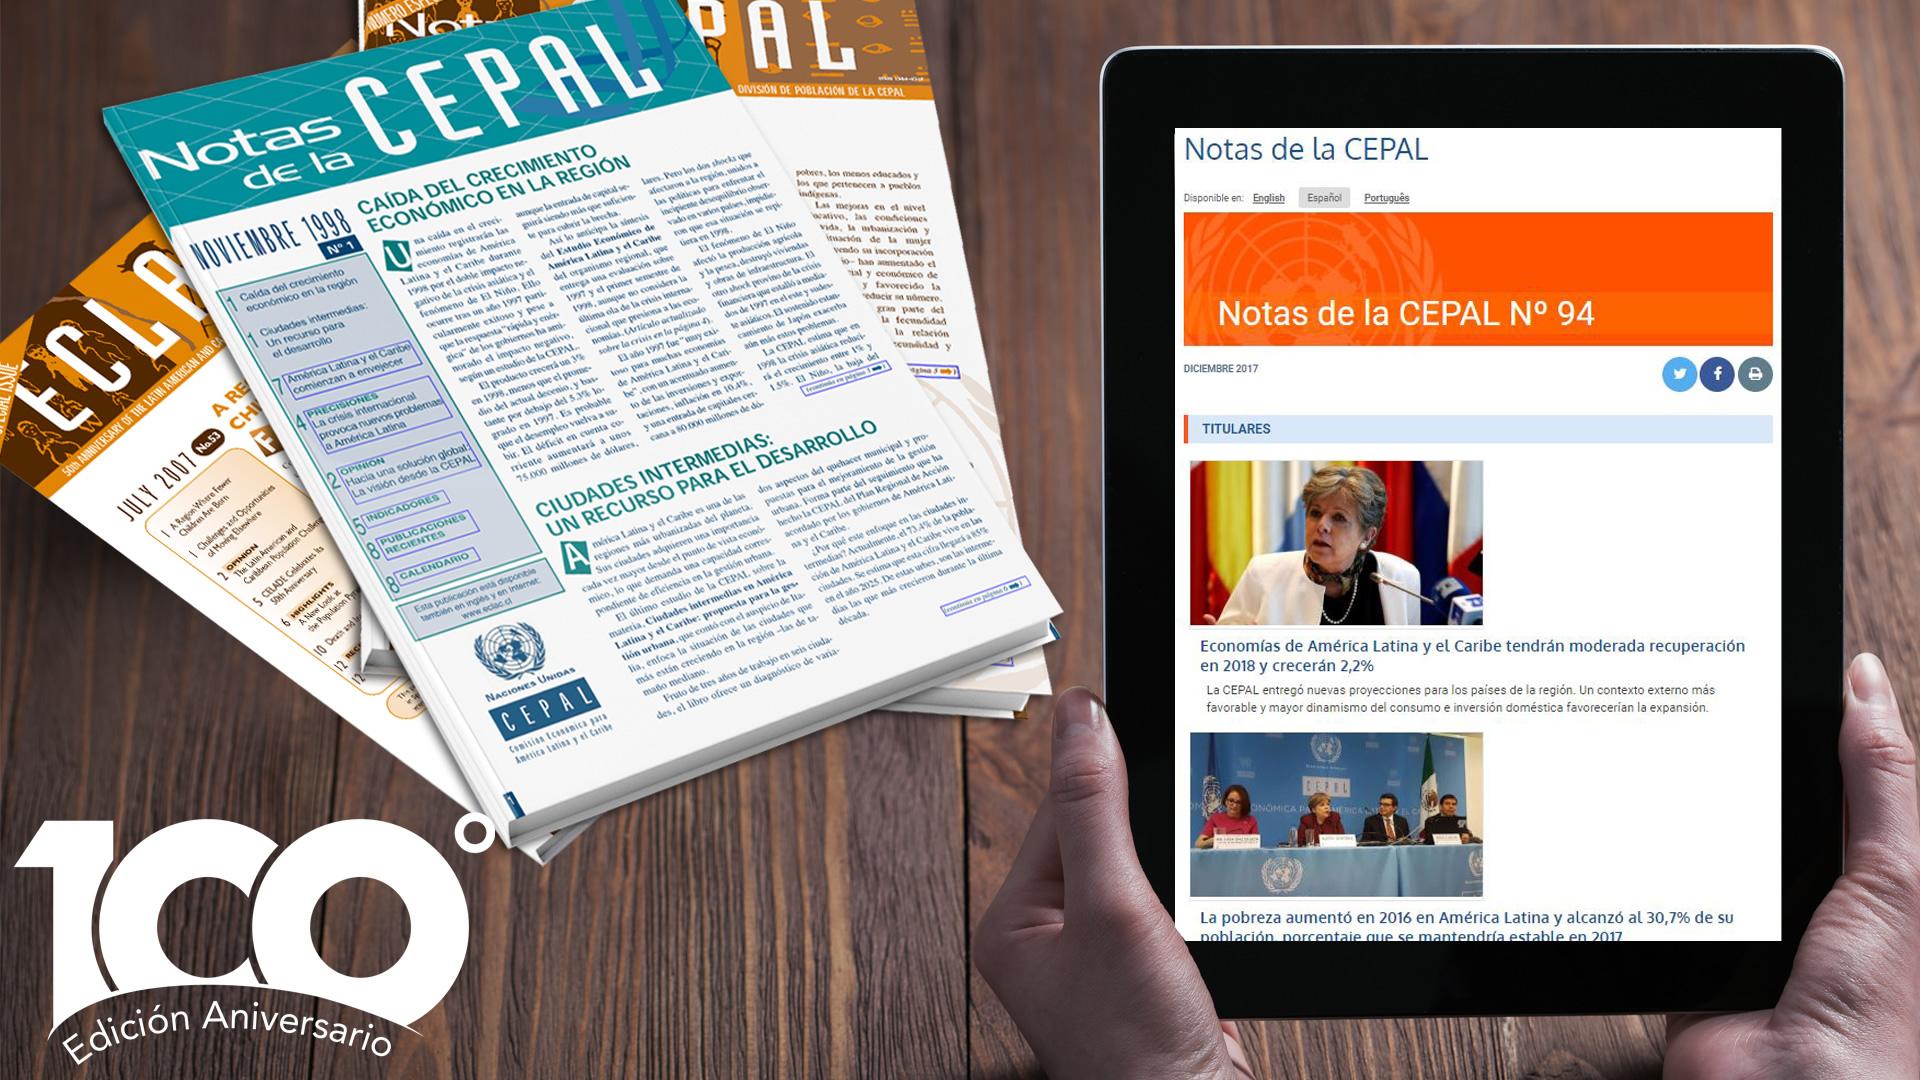 Banner Notas de la CEPAL 100, Edición Aniversario